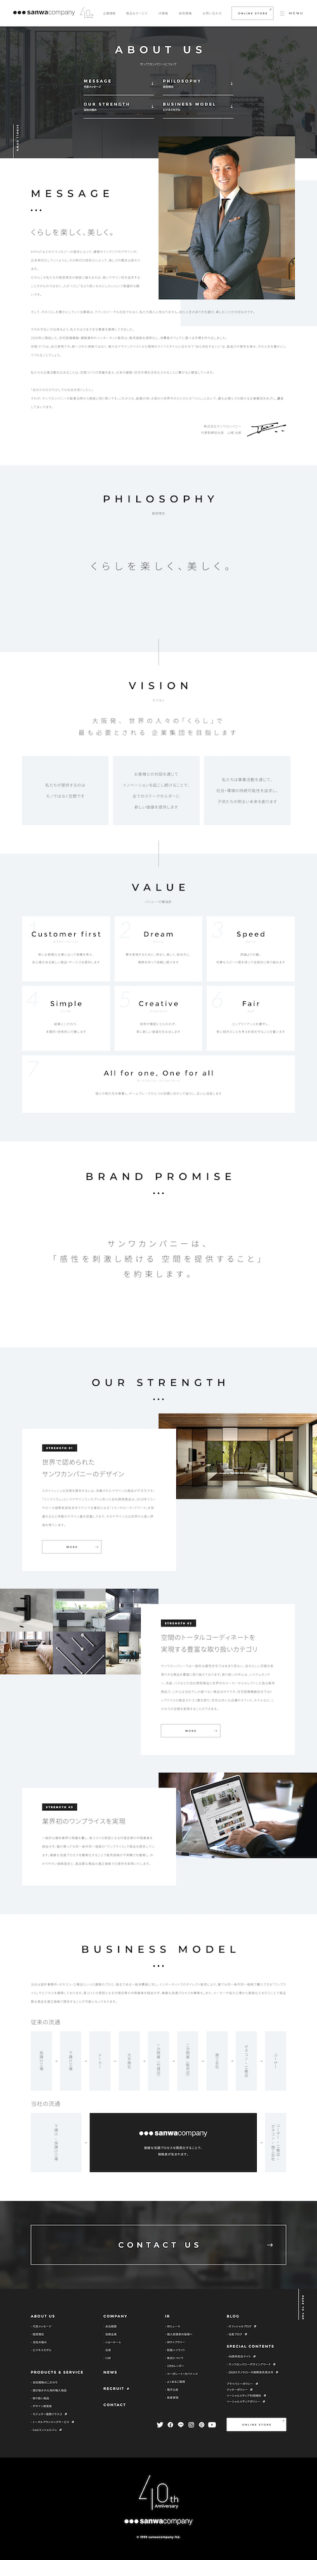 info-sanwacompany-company